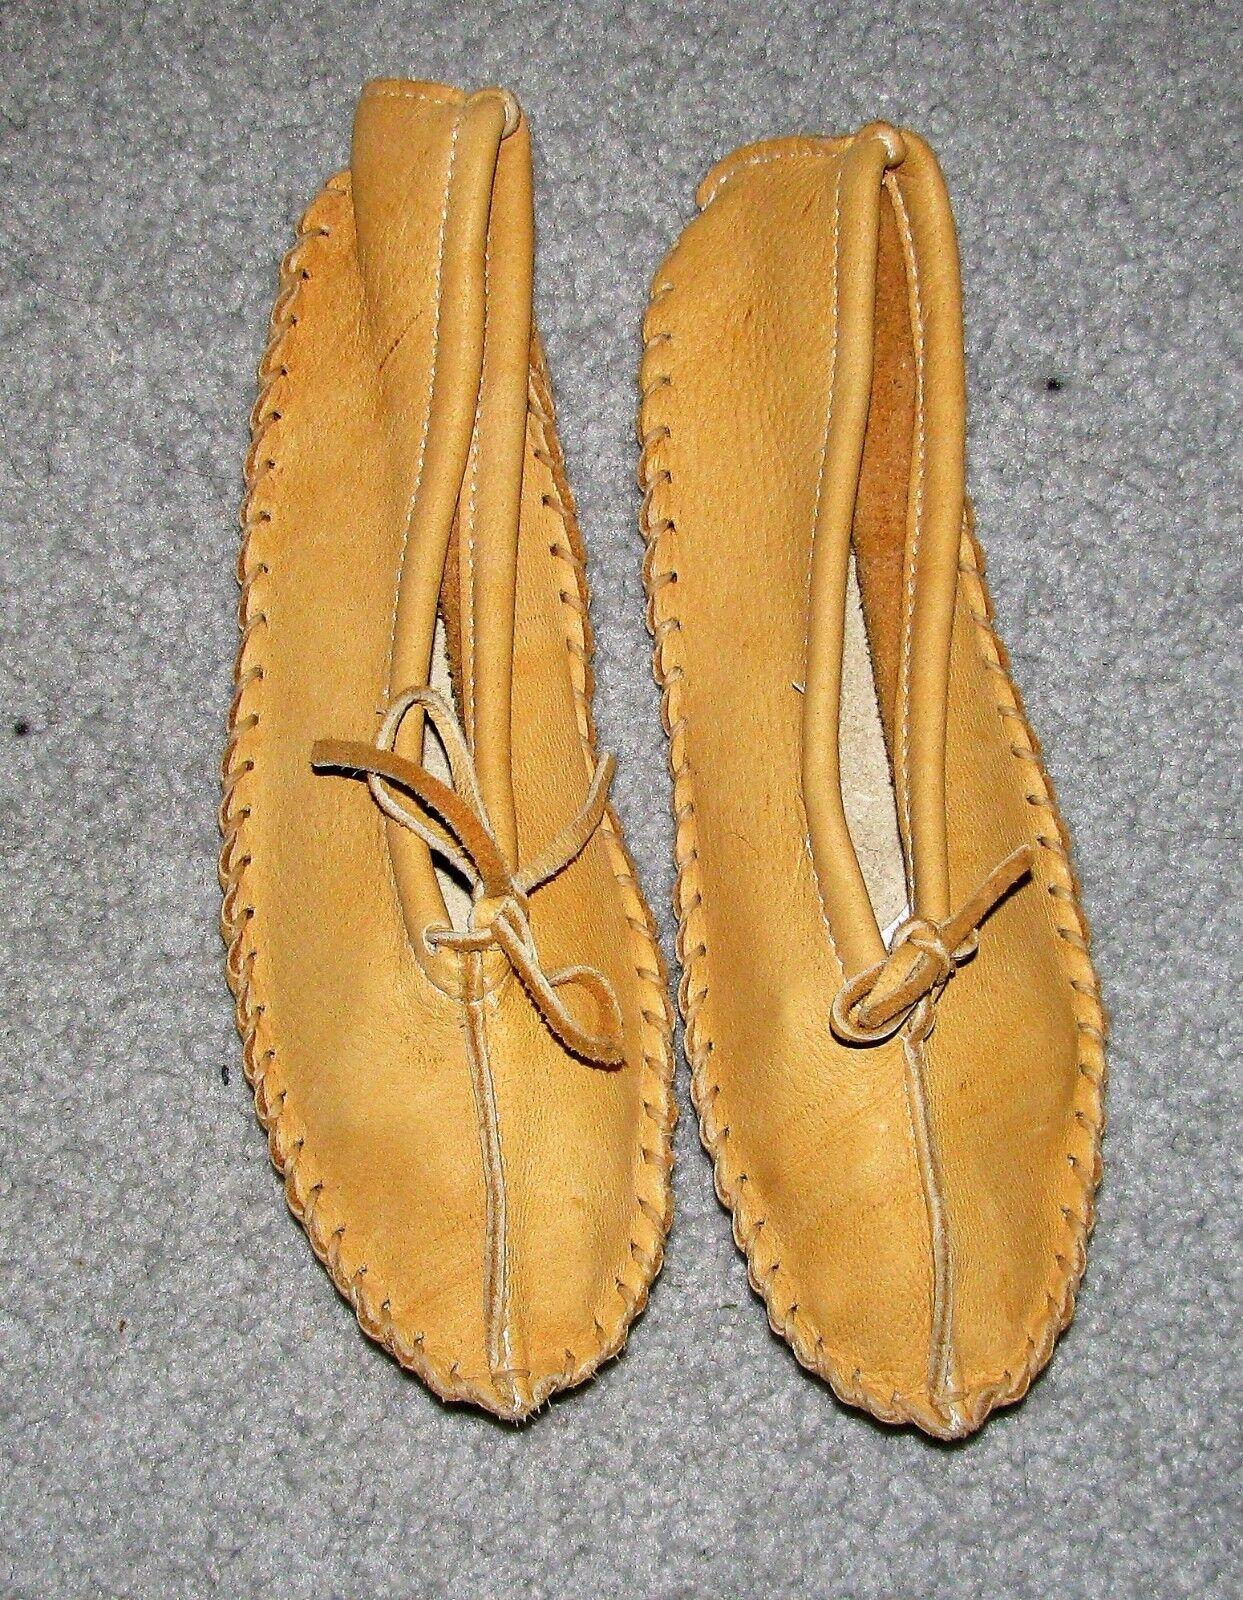 Deerskin tan Zapatillas Señoras Tamaño 6 indio nativo Ballet Zapatos sin Taco Sin Moccasins